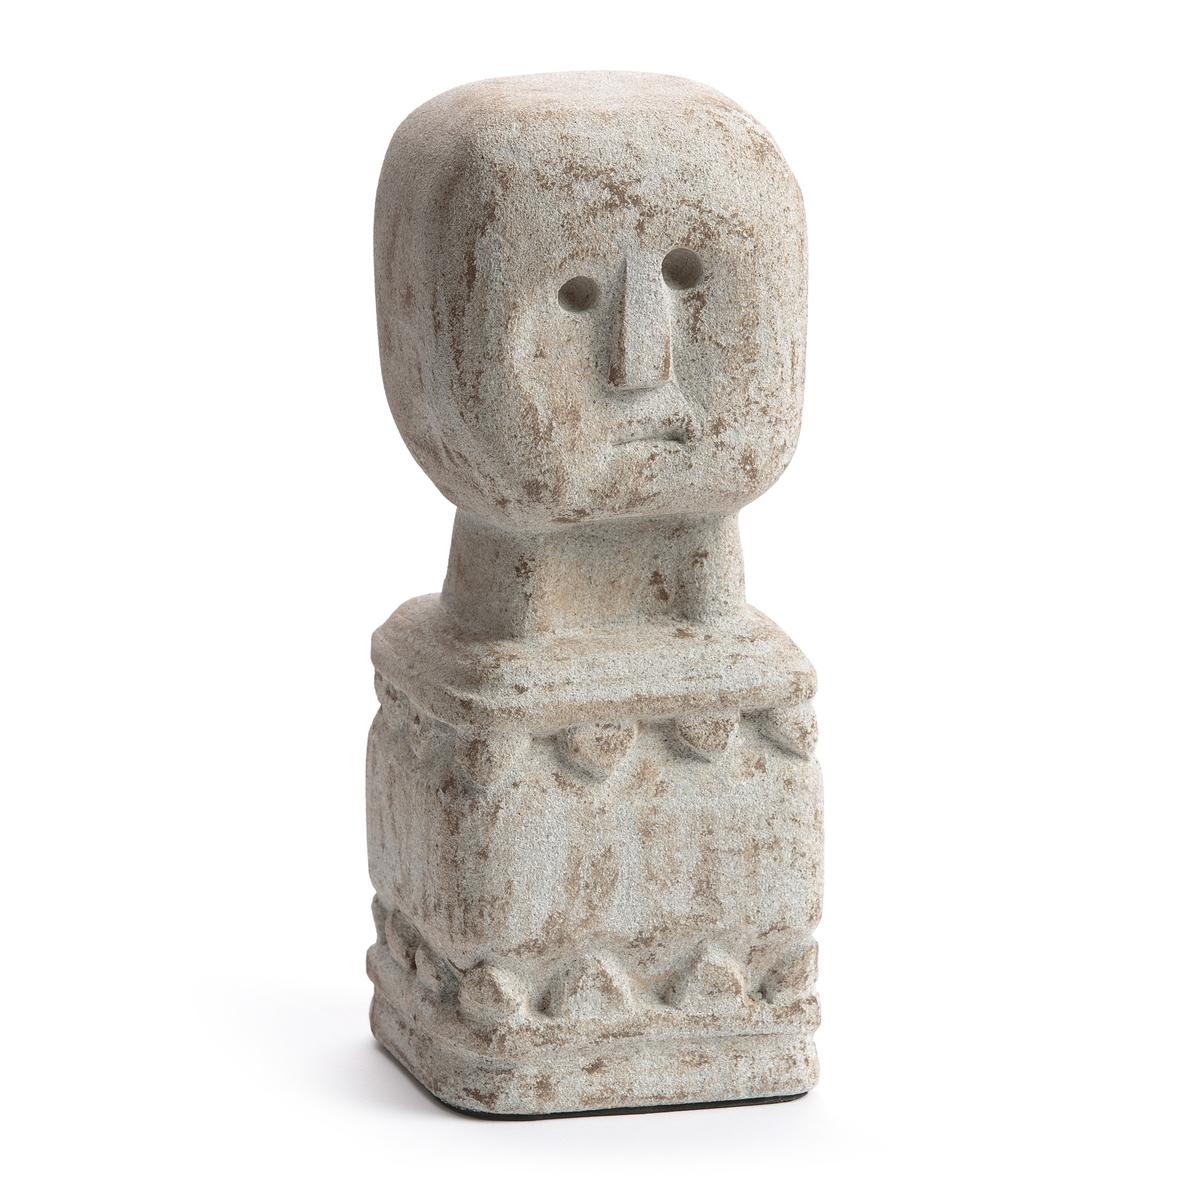 Статуэтка из камня, В.30 см, Aph?lieСтатуэтка Aph?lie. По традиции островов Тимор, эту статуэтку размещают на верхнюю часть дома для его защиты. В ваш интерьер она привнесет нотку экзотики и шика . Из камня, покрытого светлым порошком . Размеры : Ш.12 x В.30 x Г.12 см.<br><br>Цвет: каштановый